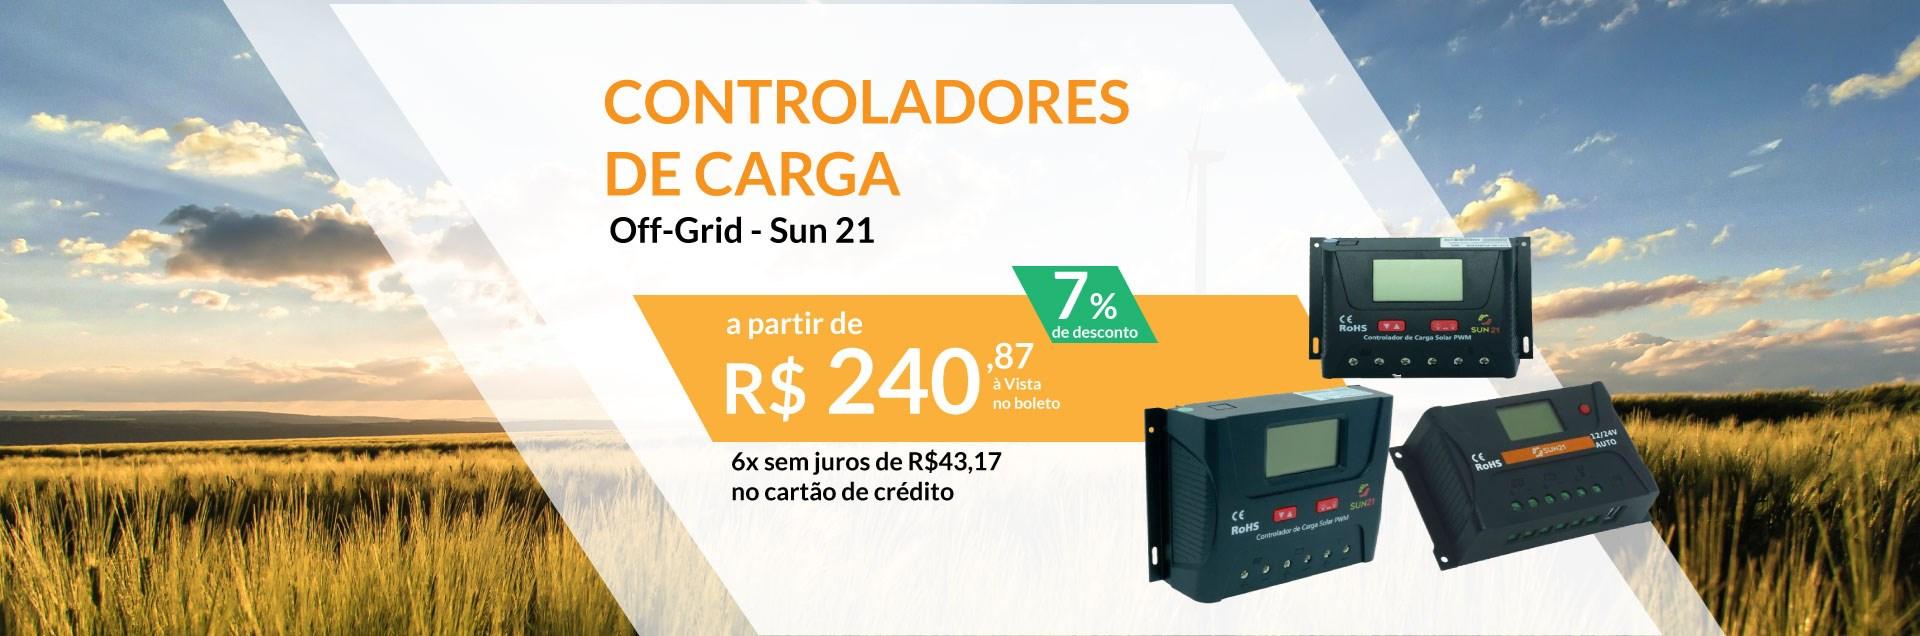 Controlador de carga off grid